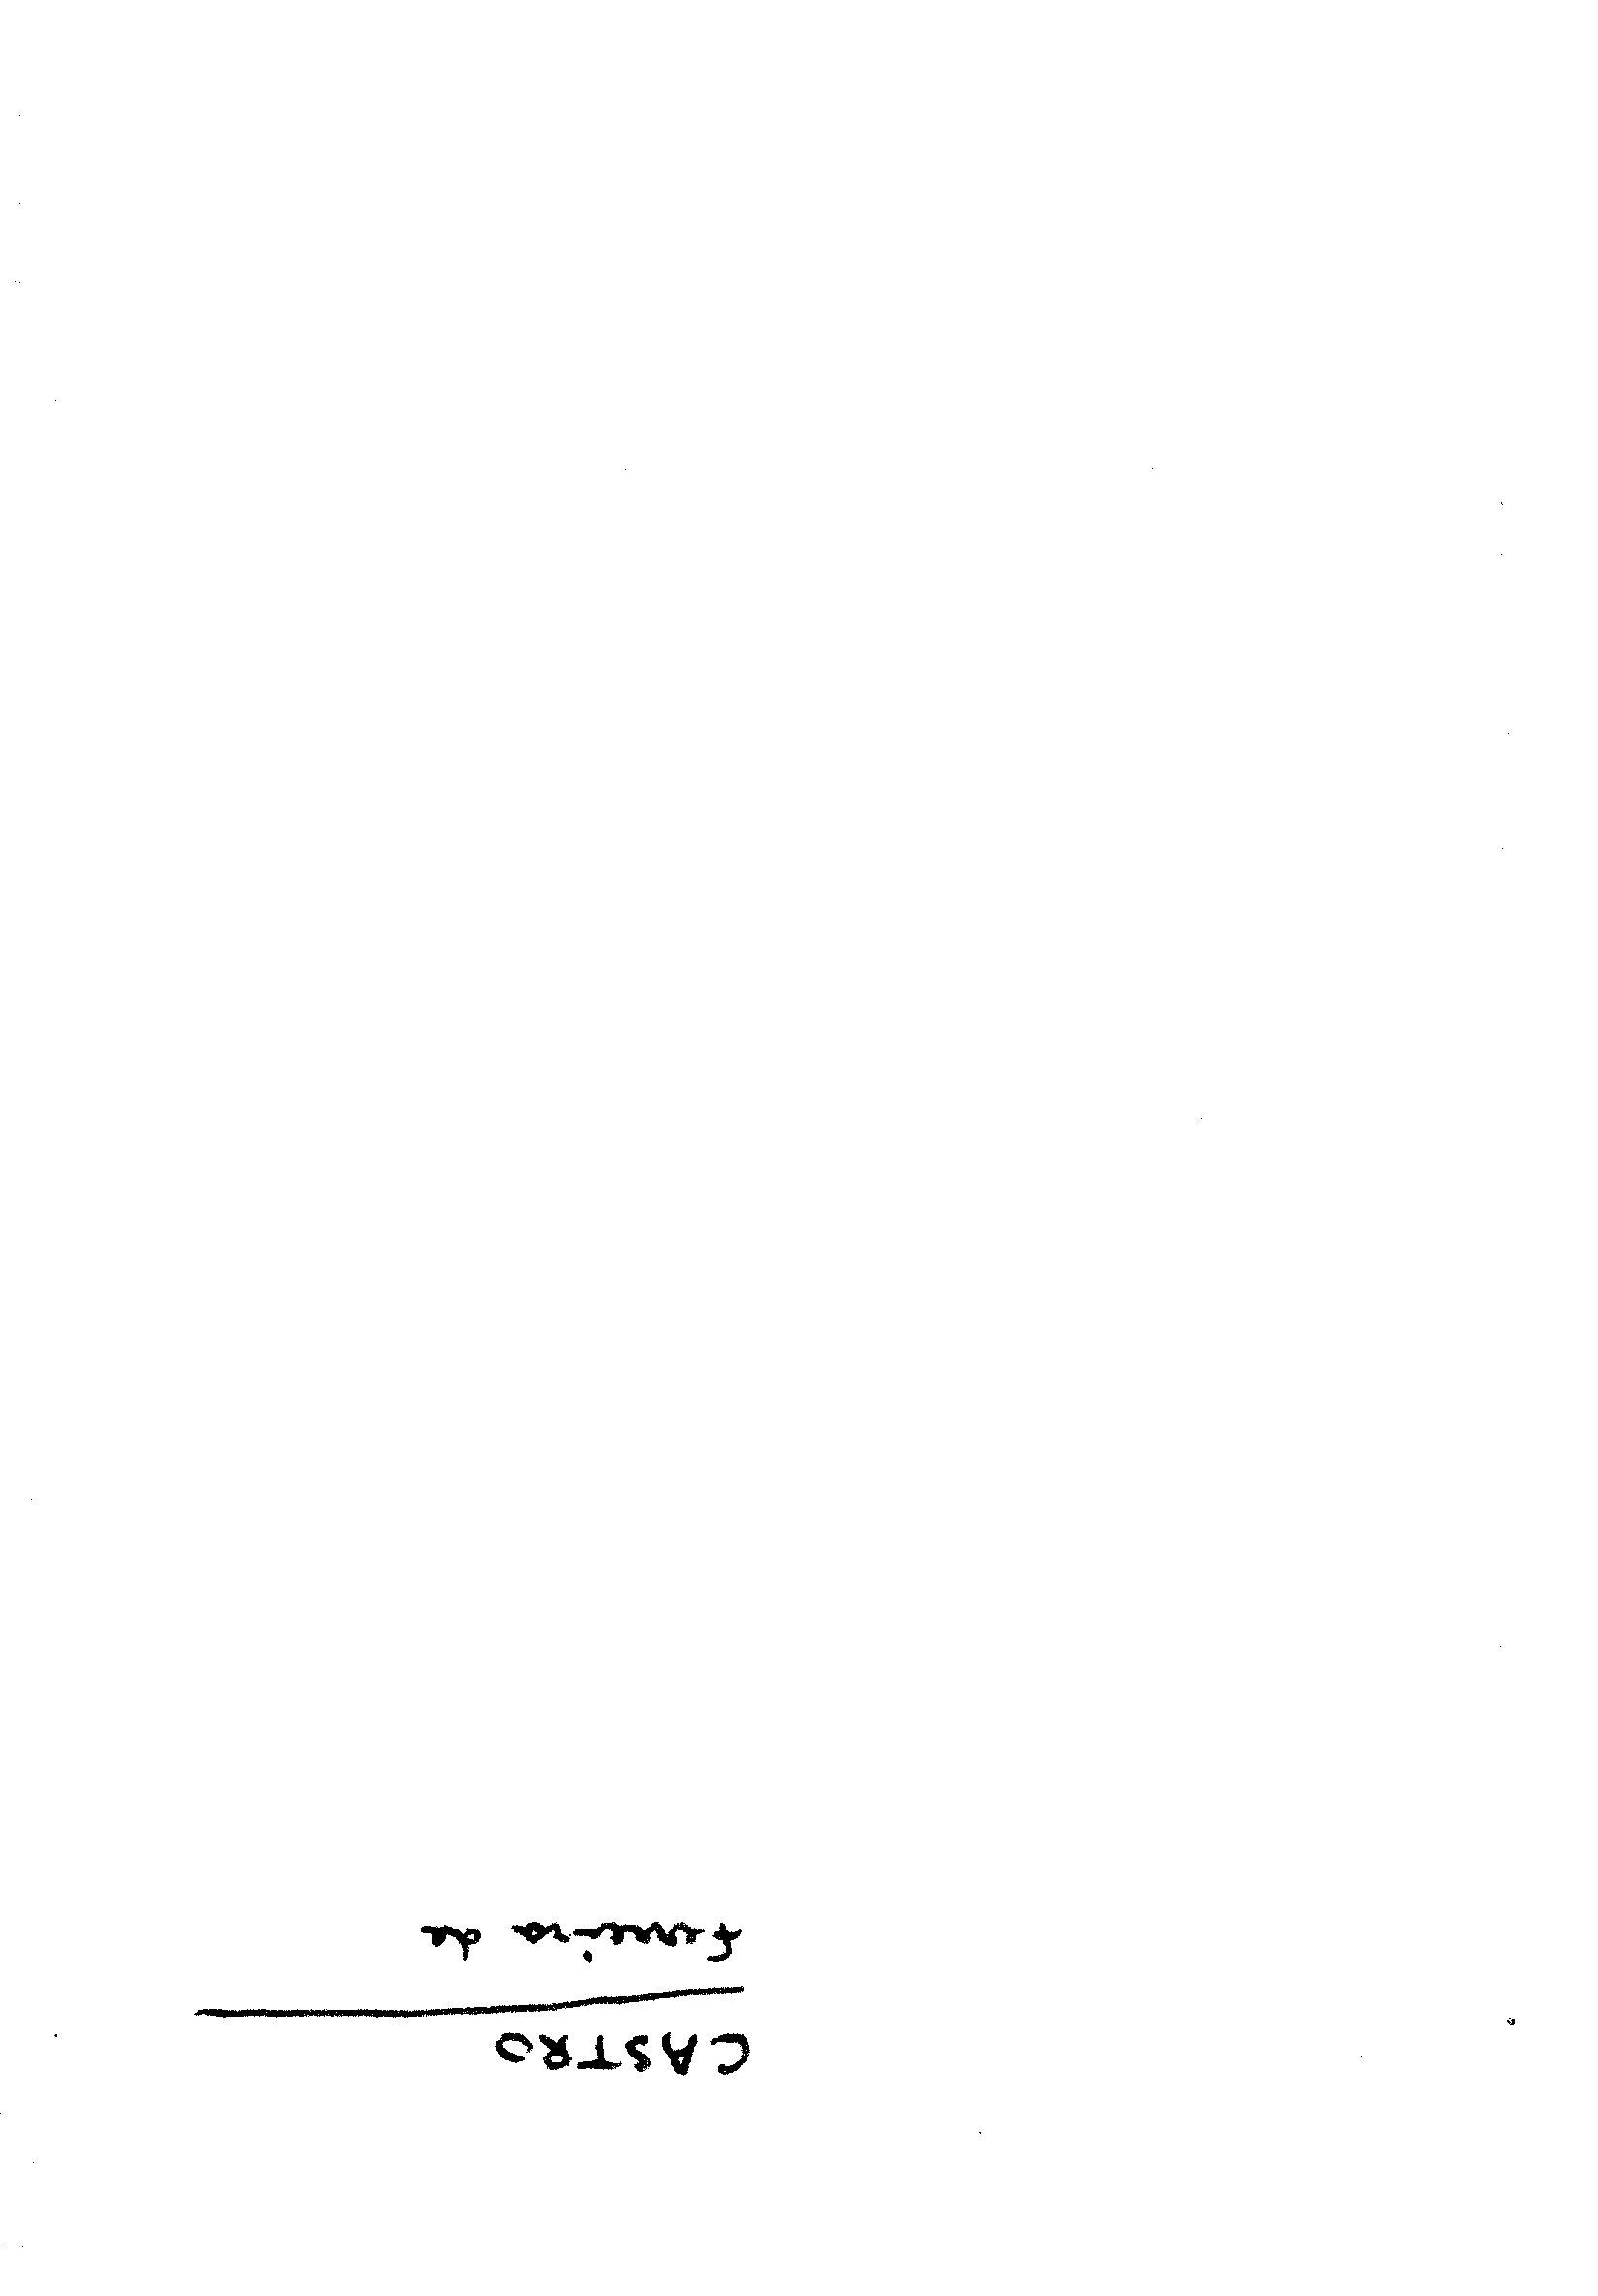 04545.006.001- pag.1